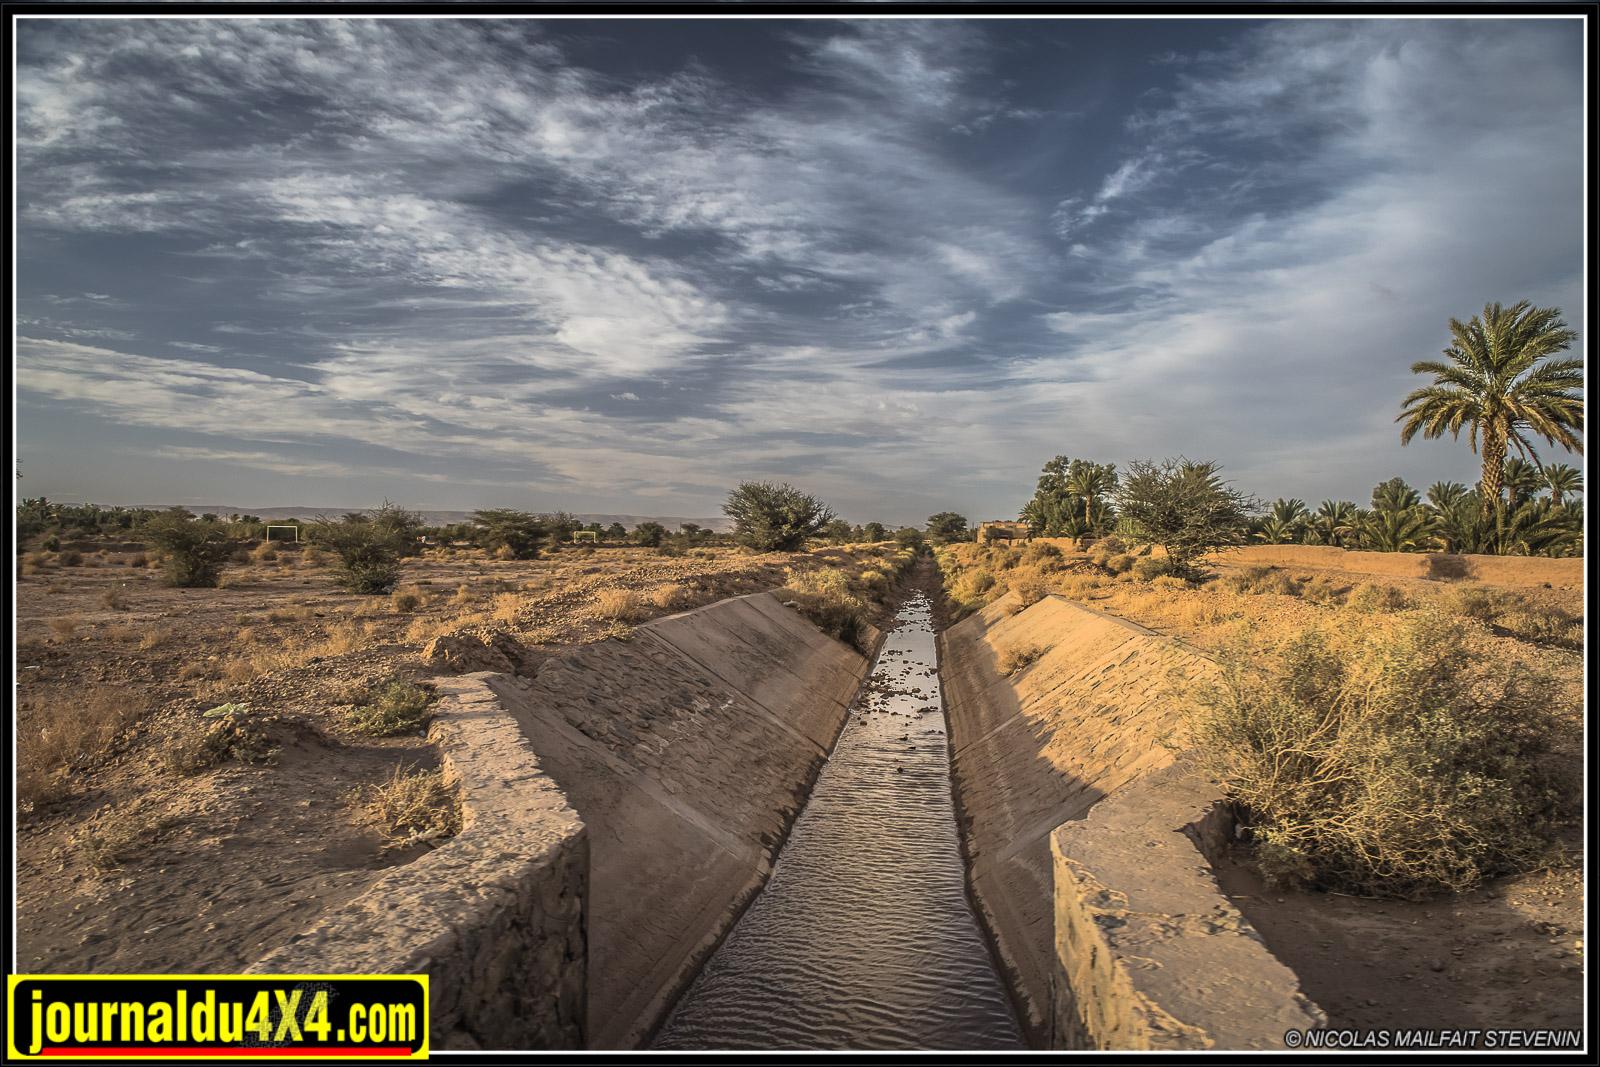 rallye-aicha-gazelles-maroc-2017-6957.jpg